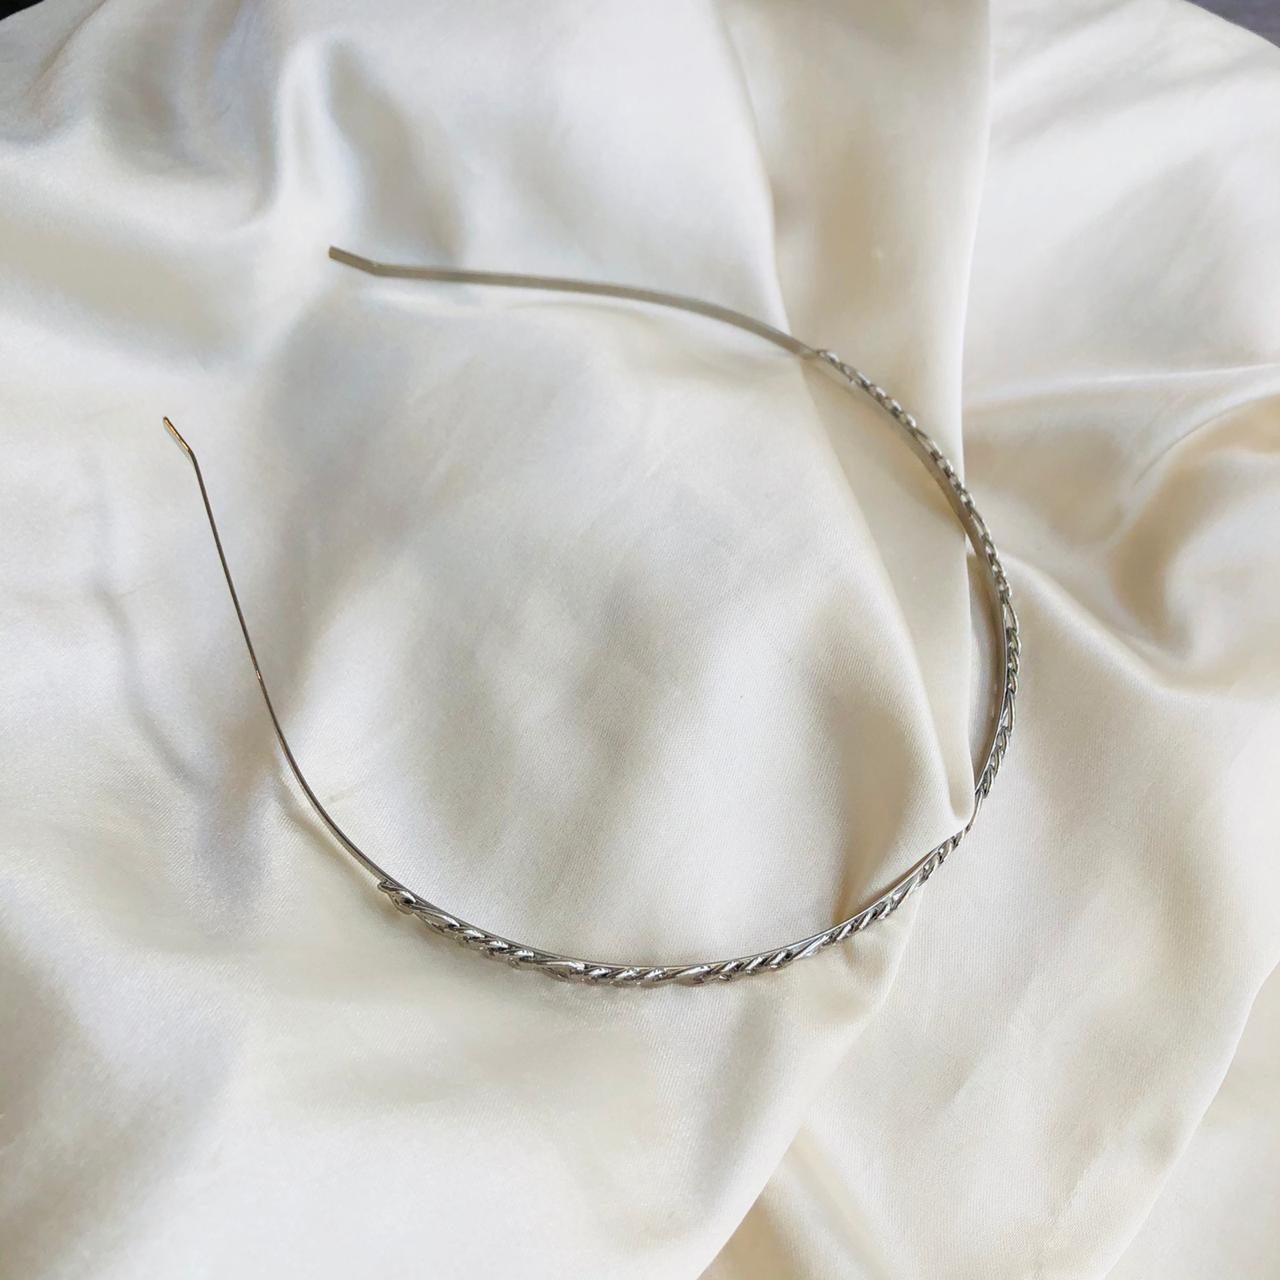 Tiara de Corrente Banhada em Ródio Branco